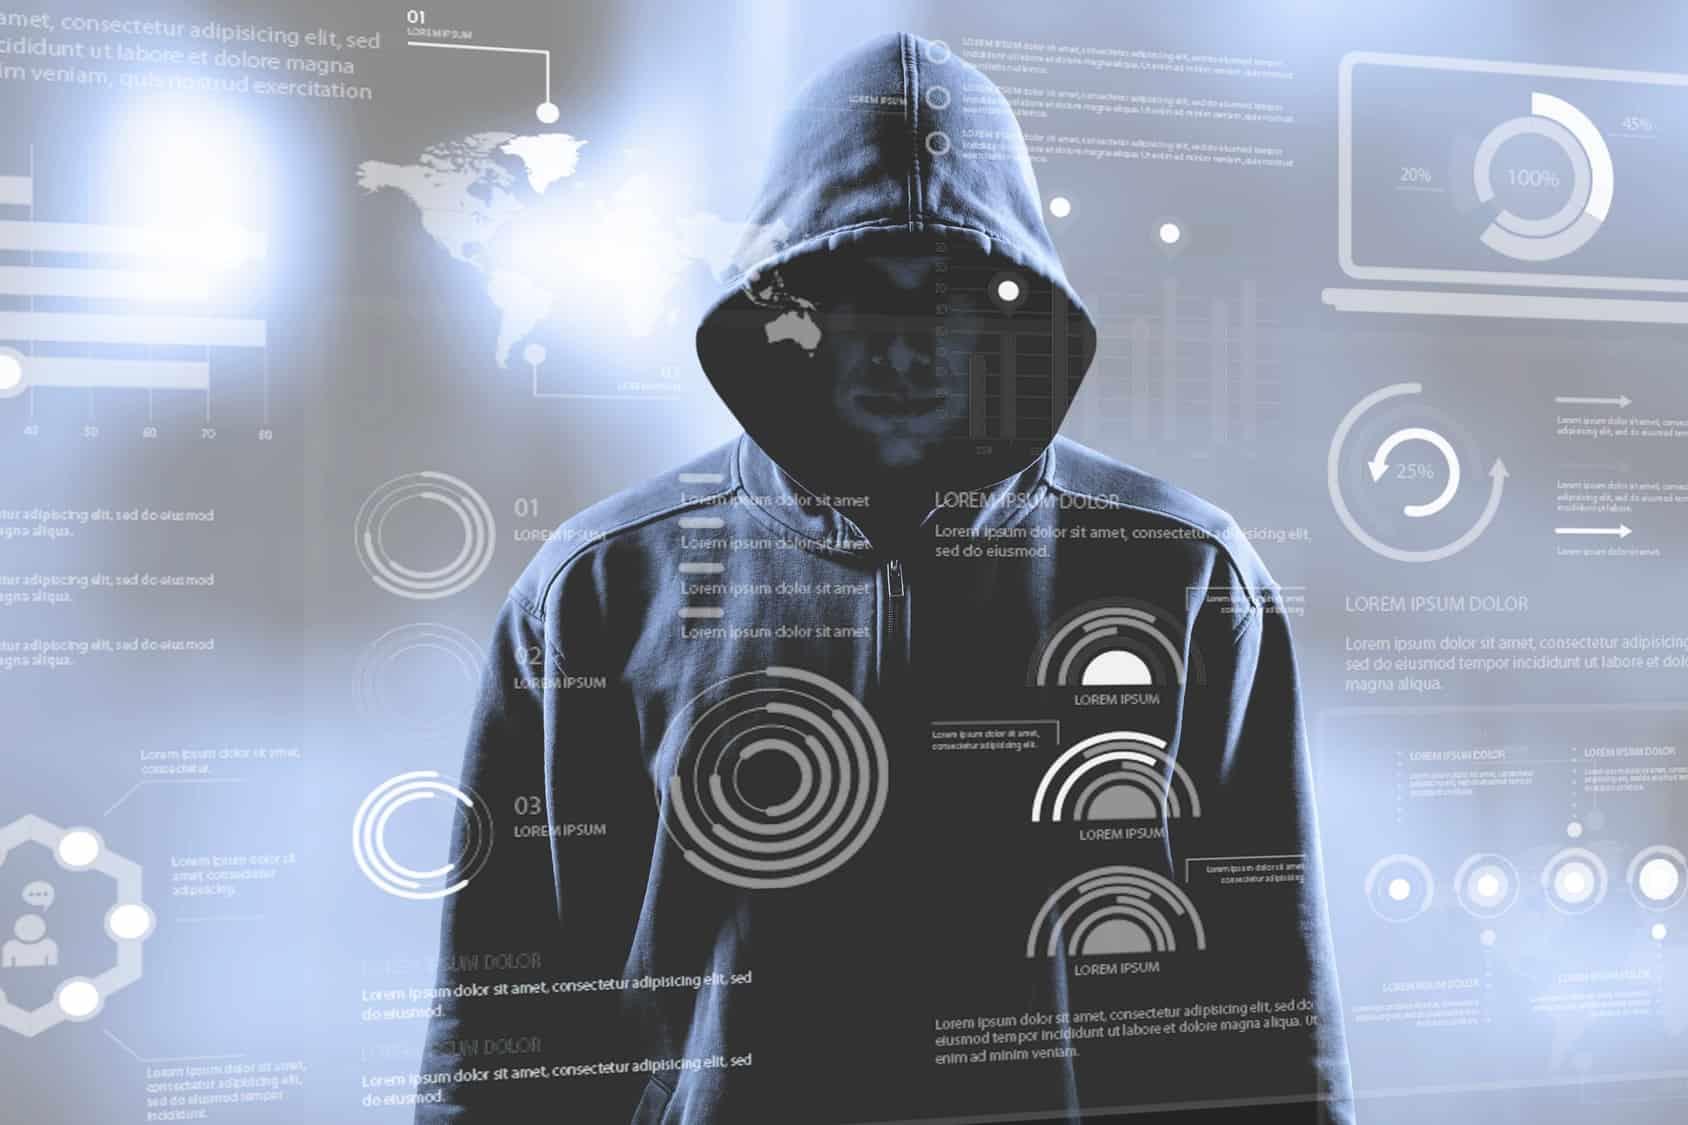 En el caso de los cinco ciberataques de abril y mayo, de los tres bancos afectados sólo Banorte reconoció desde un principio que había registrado problemas en transferencias electrónicas, pero Inbursa y Banjército no informaron a su clientela.